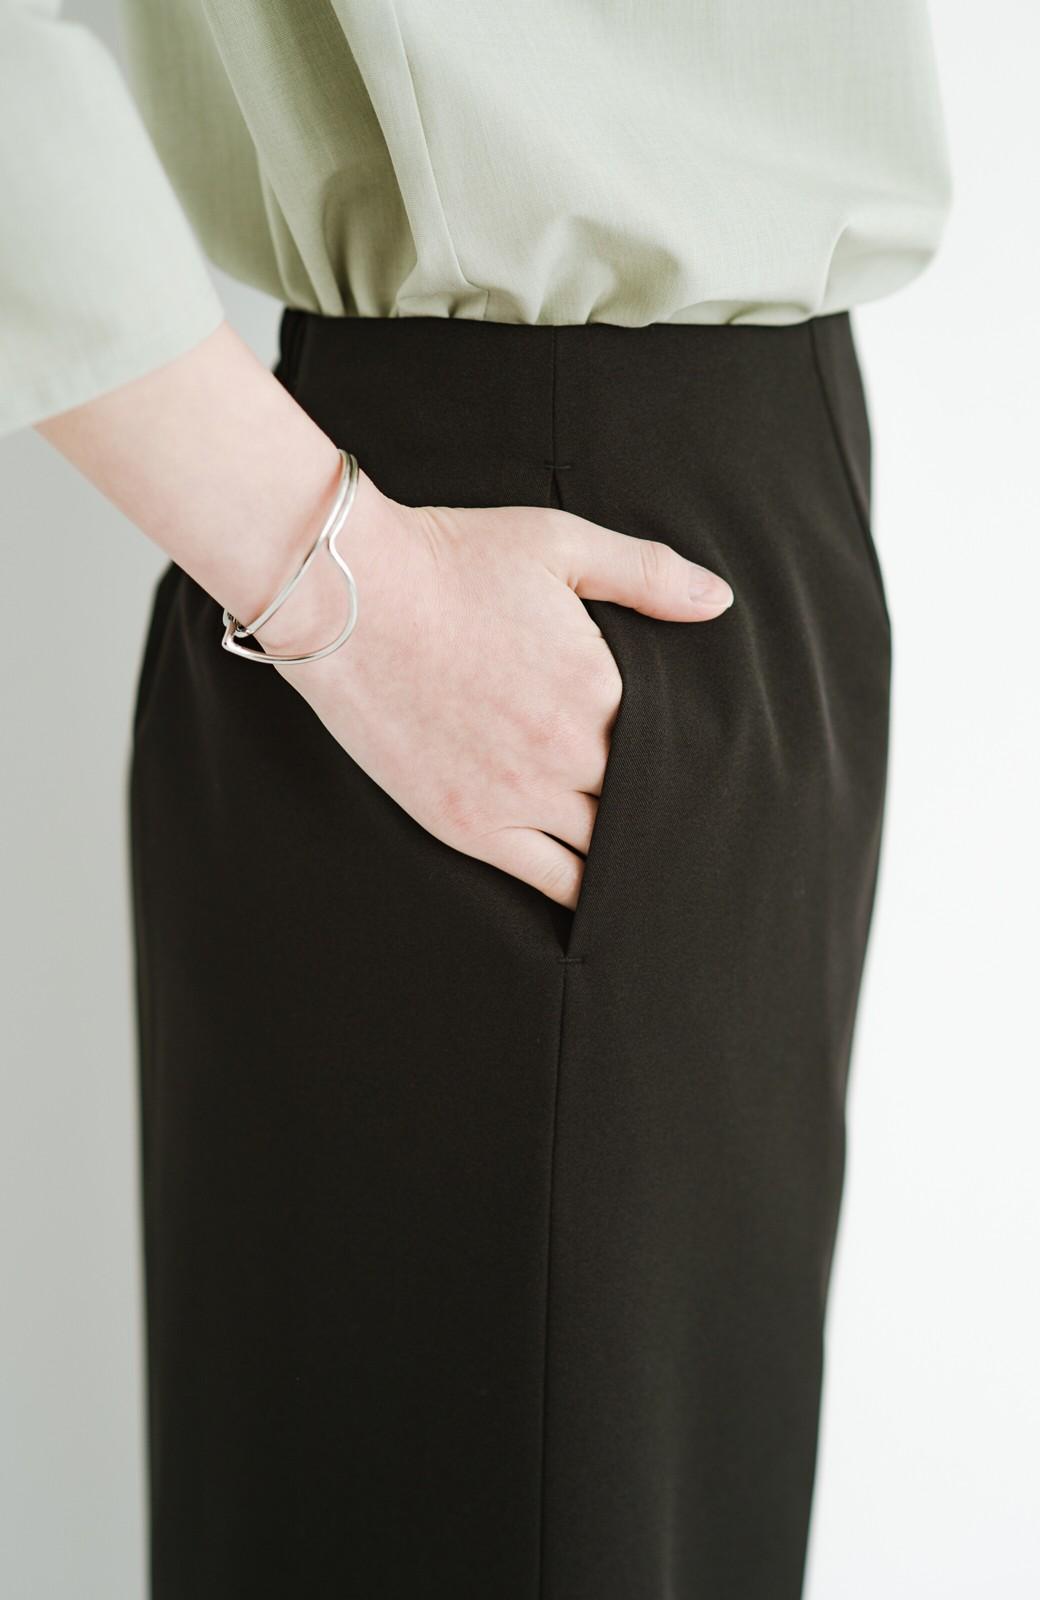 haco! 【華やか】これさえあればきちんとシーンも地味すぎない! 大人の華やかジャケット・パンツ・スカート3点セット <ブラック>の商品写真37